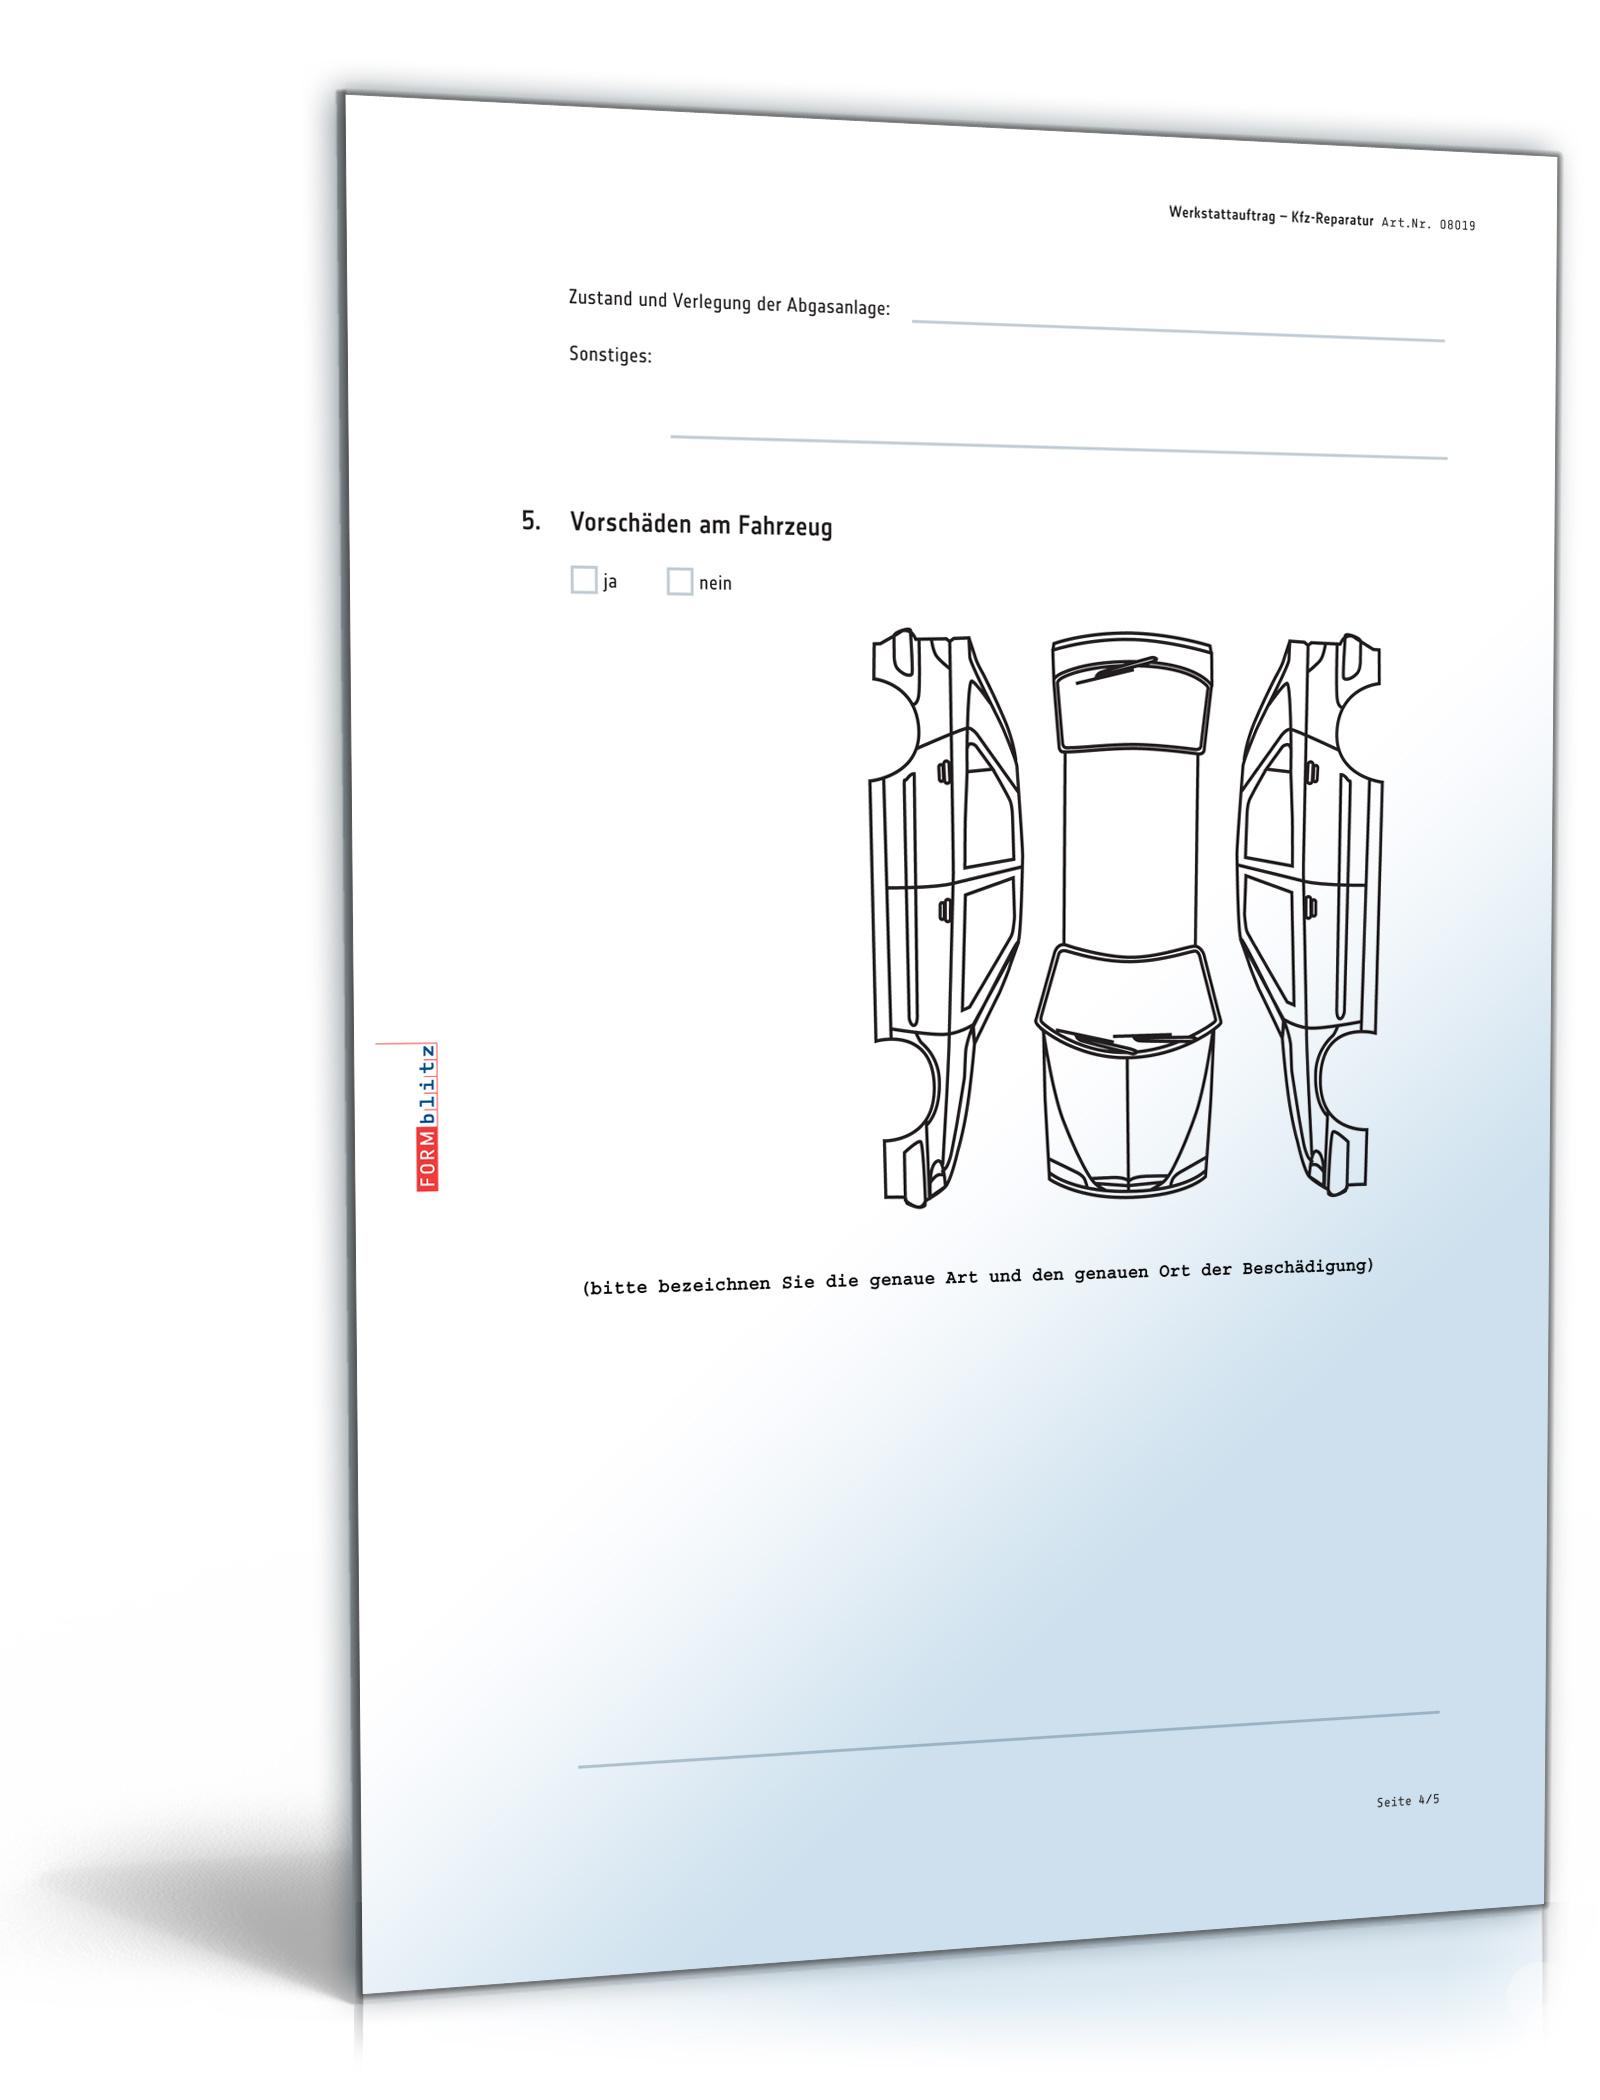 Werkstattauftrag Kfz Reparatur Download Amazonde Software